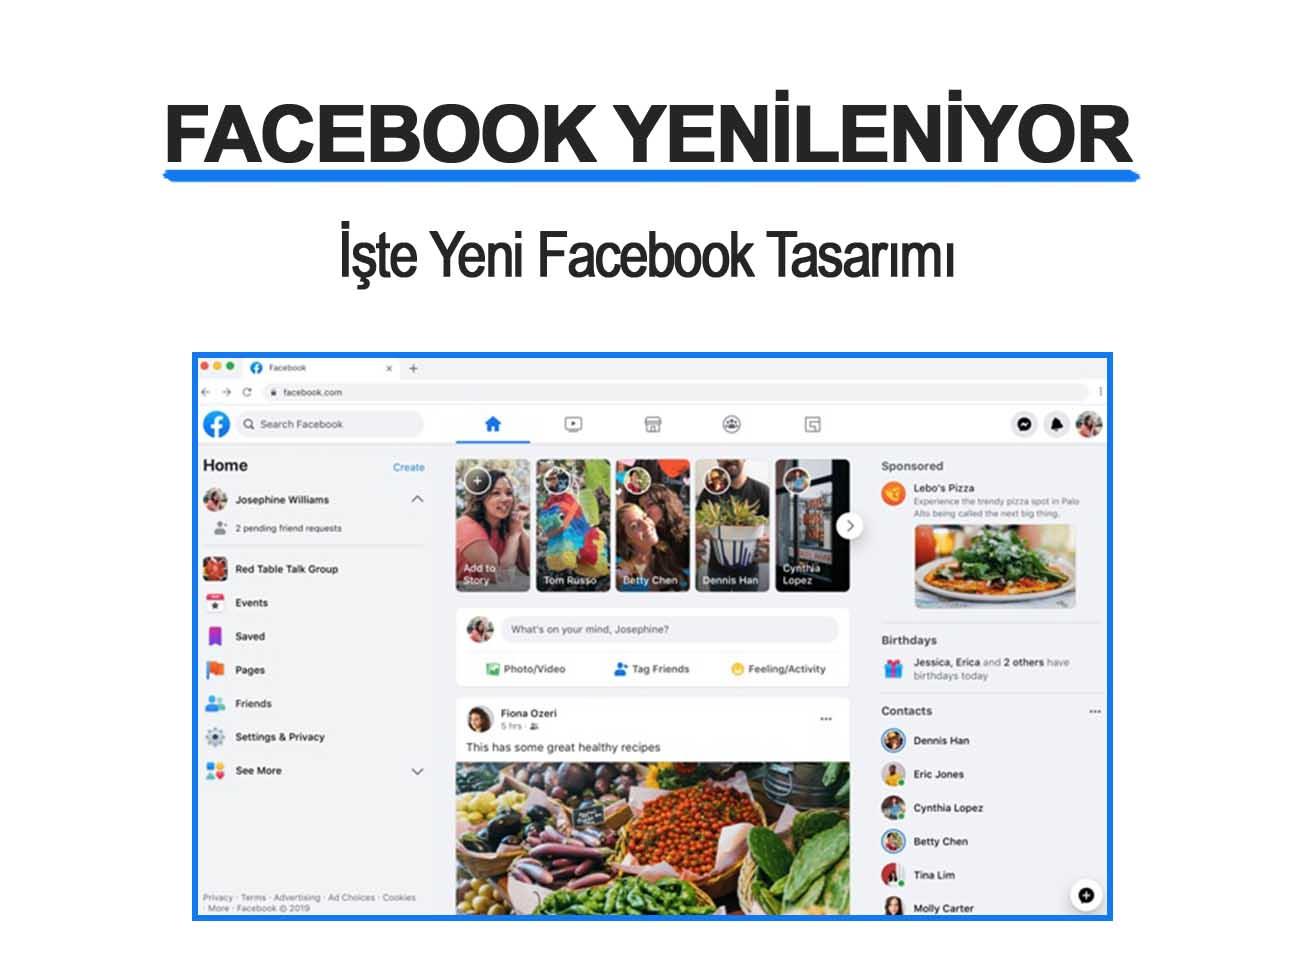 Facebook Yenileniyor İşte Yeni Facebook